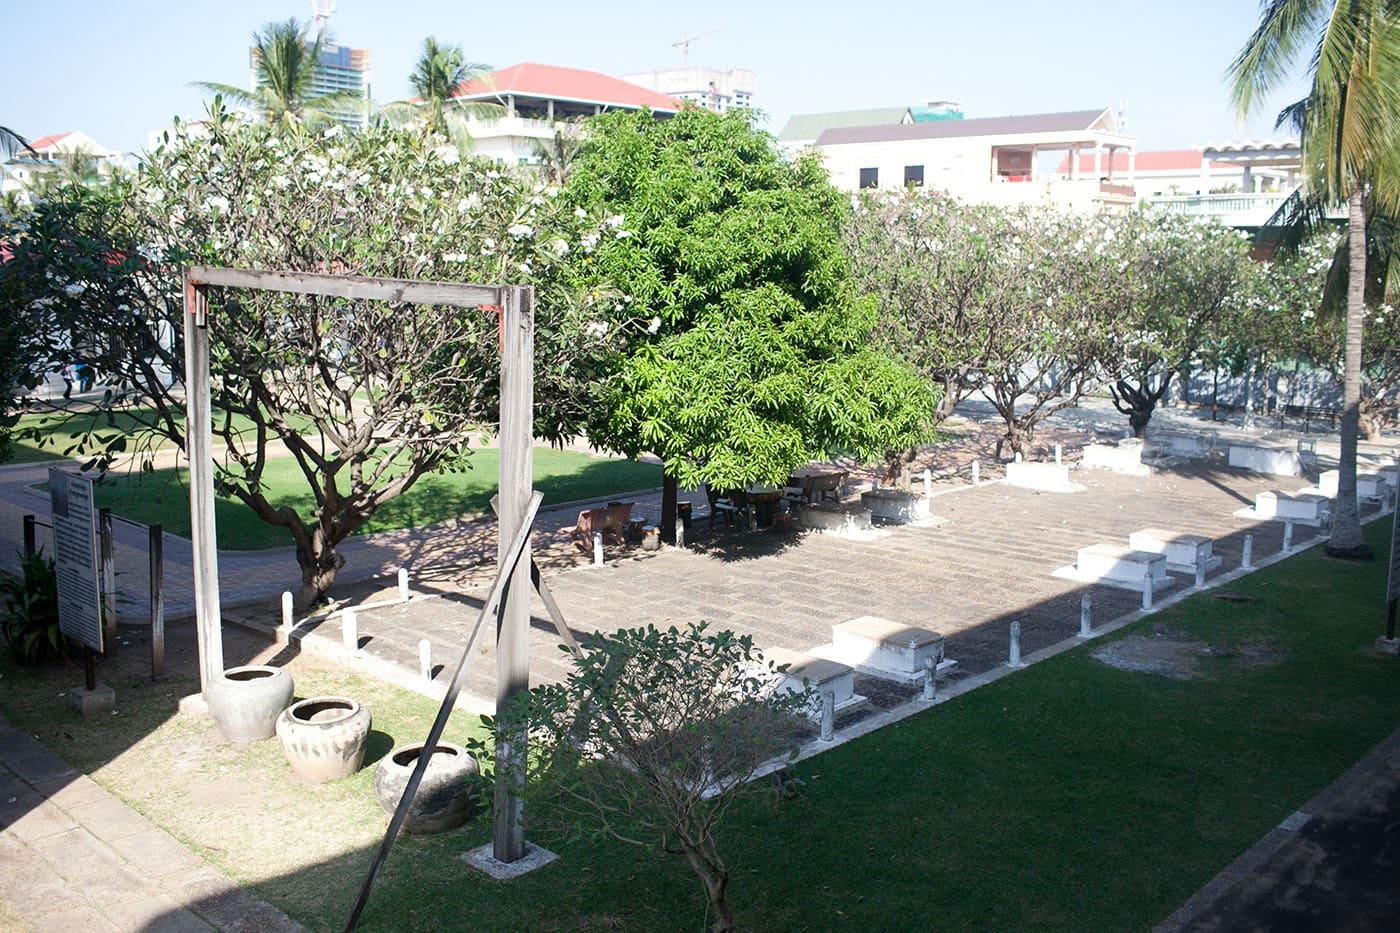 Genocide Museum in Phnom Penh, Cambodia